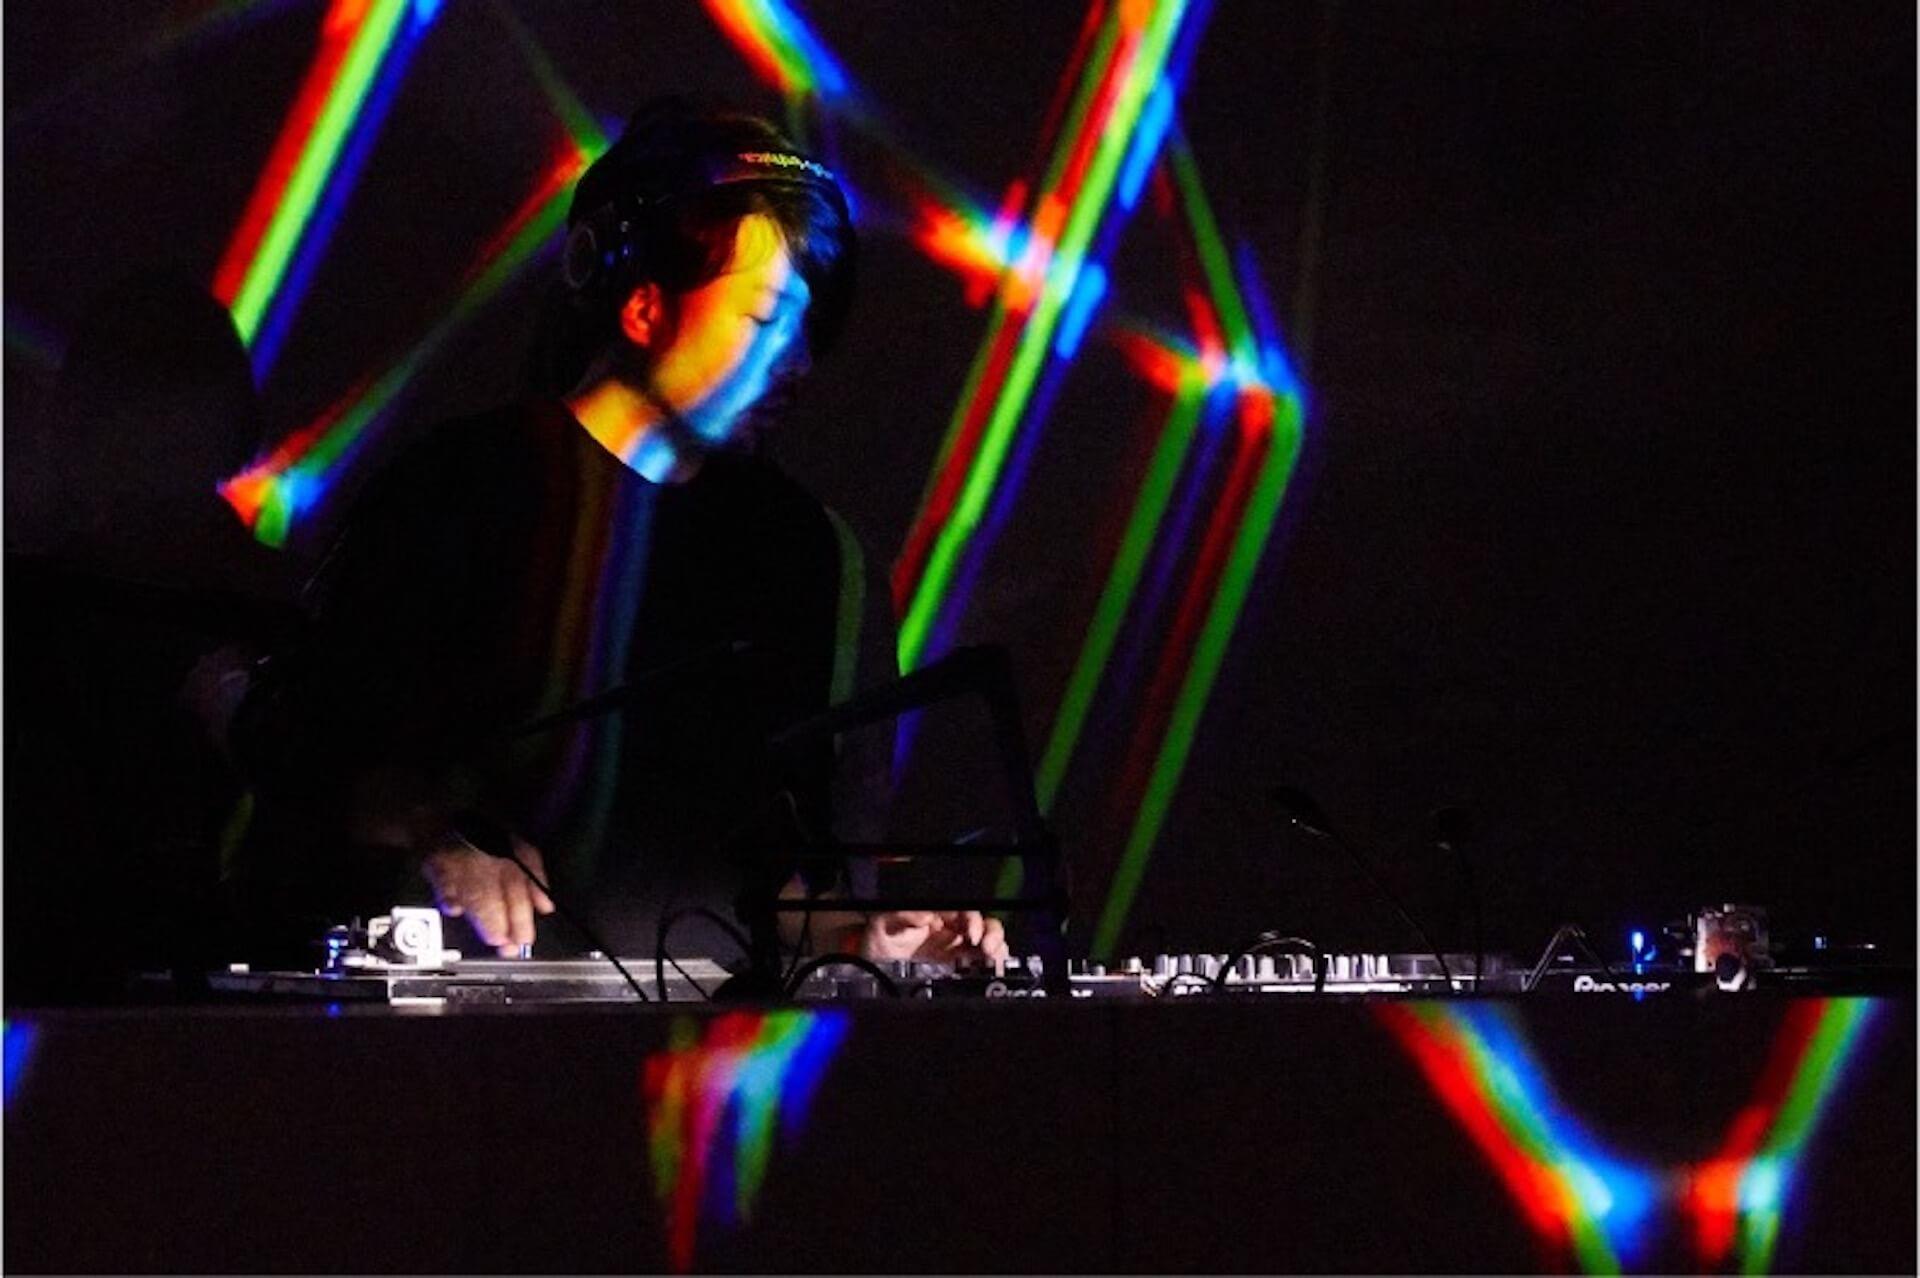 サカナクションのドラマー・Keiichi Ejimaによる新たなパーティ「NIGHT CLUB」が2月にKATA、Time Out Cafe&Dinerにて開催 music200124-night-club-2